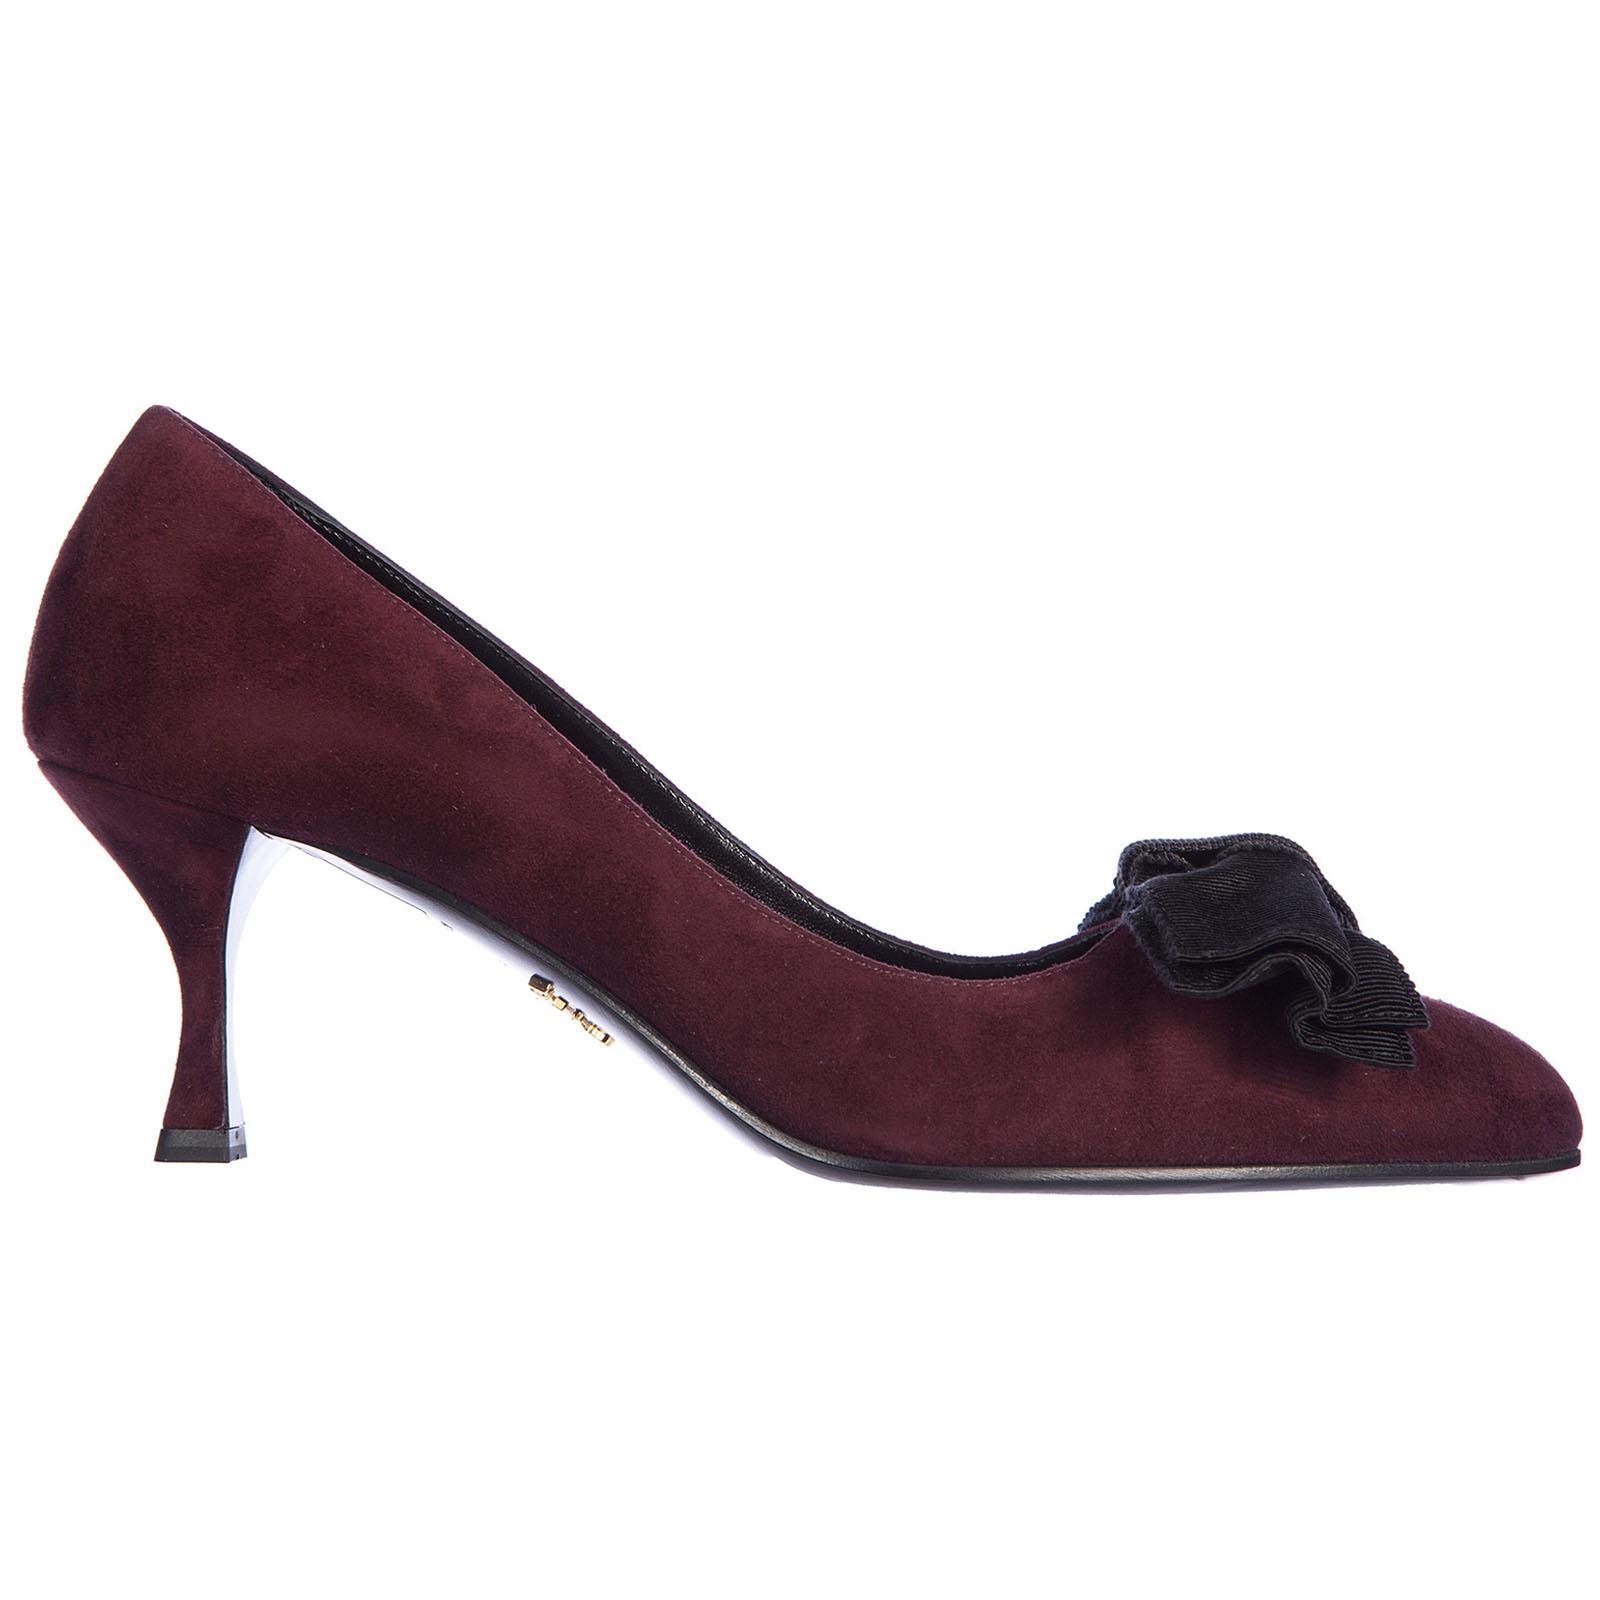 Decolletes decoltè scarpe donna con tacco camoscio fiocco